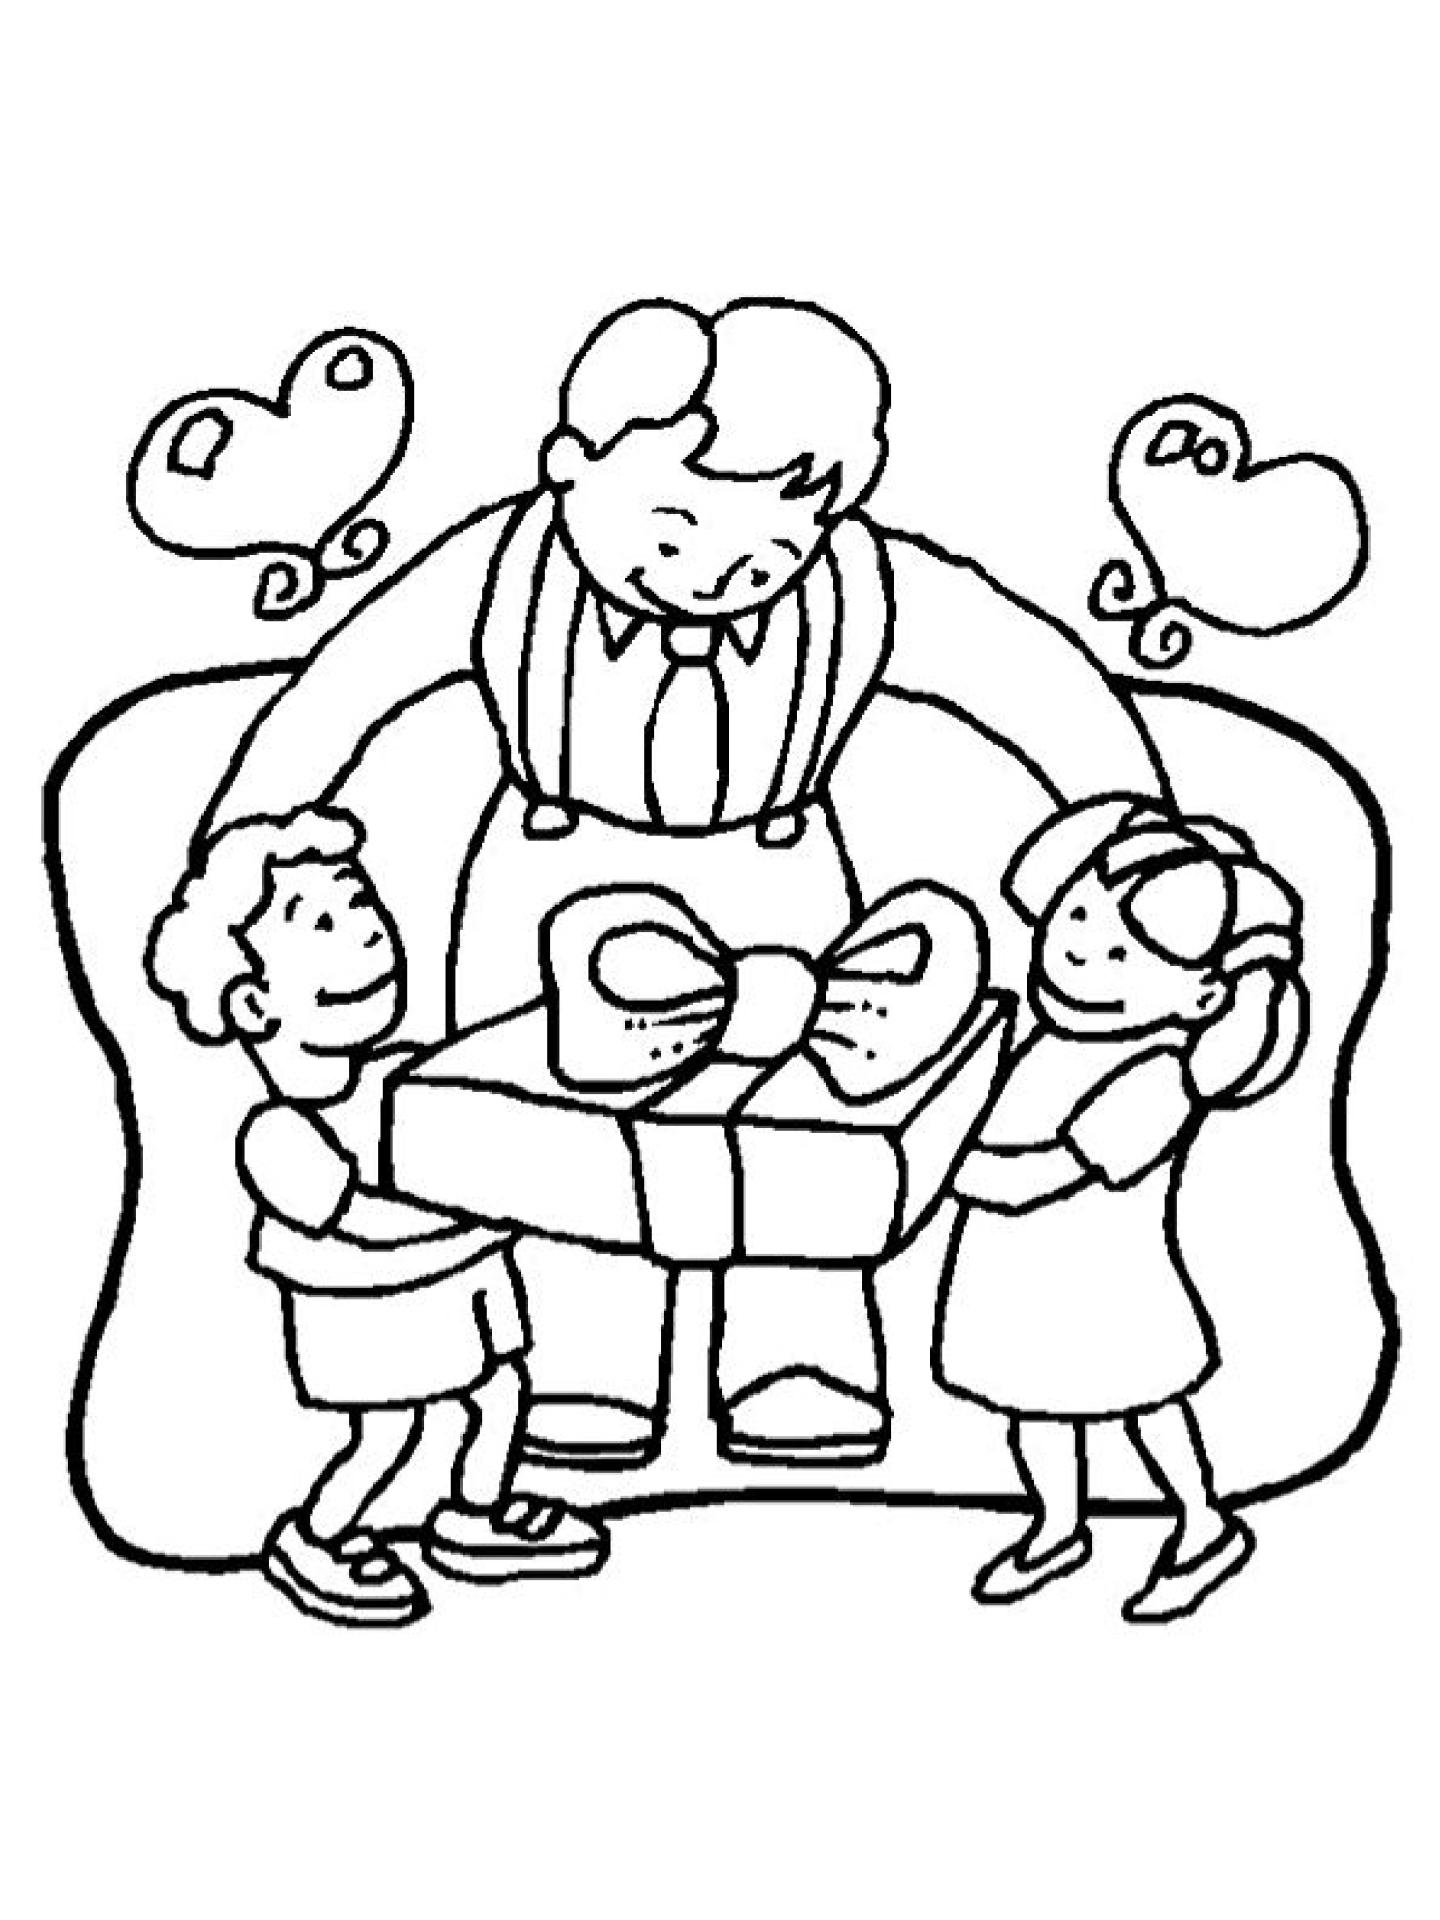 Fête Des Pères 2020 Et 2021 - Calendriervip dedans Coloriage Fete Des Peres